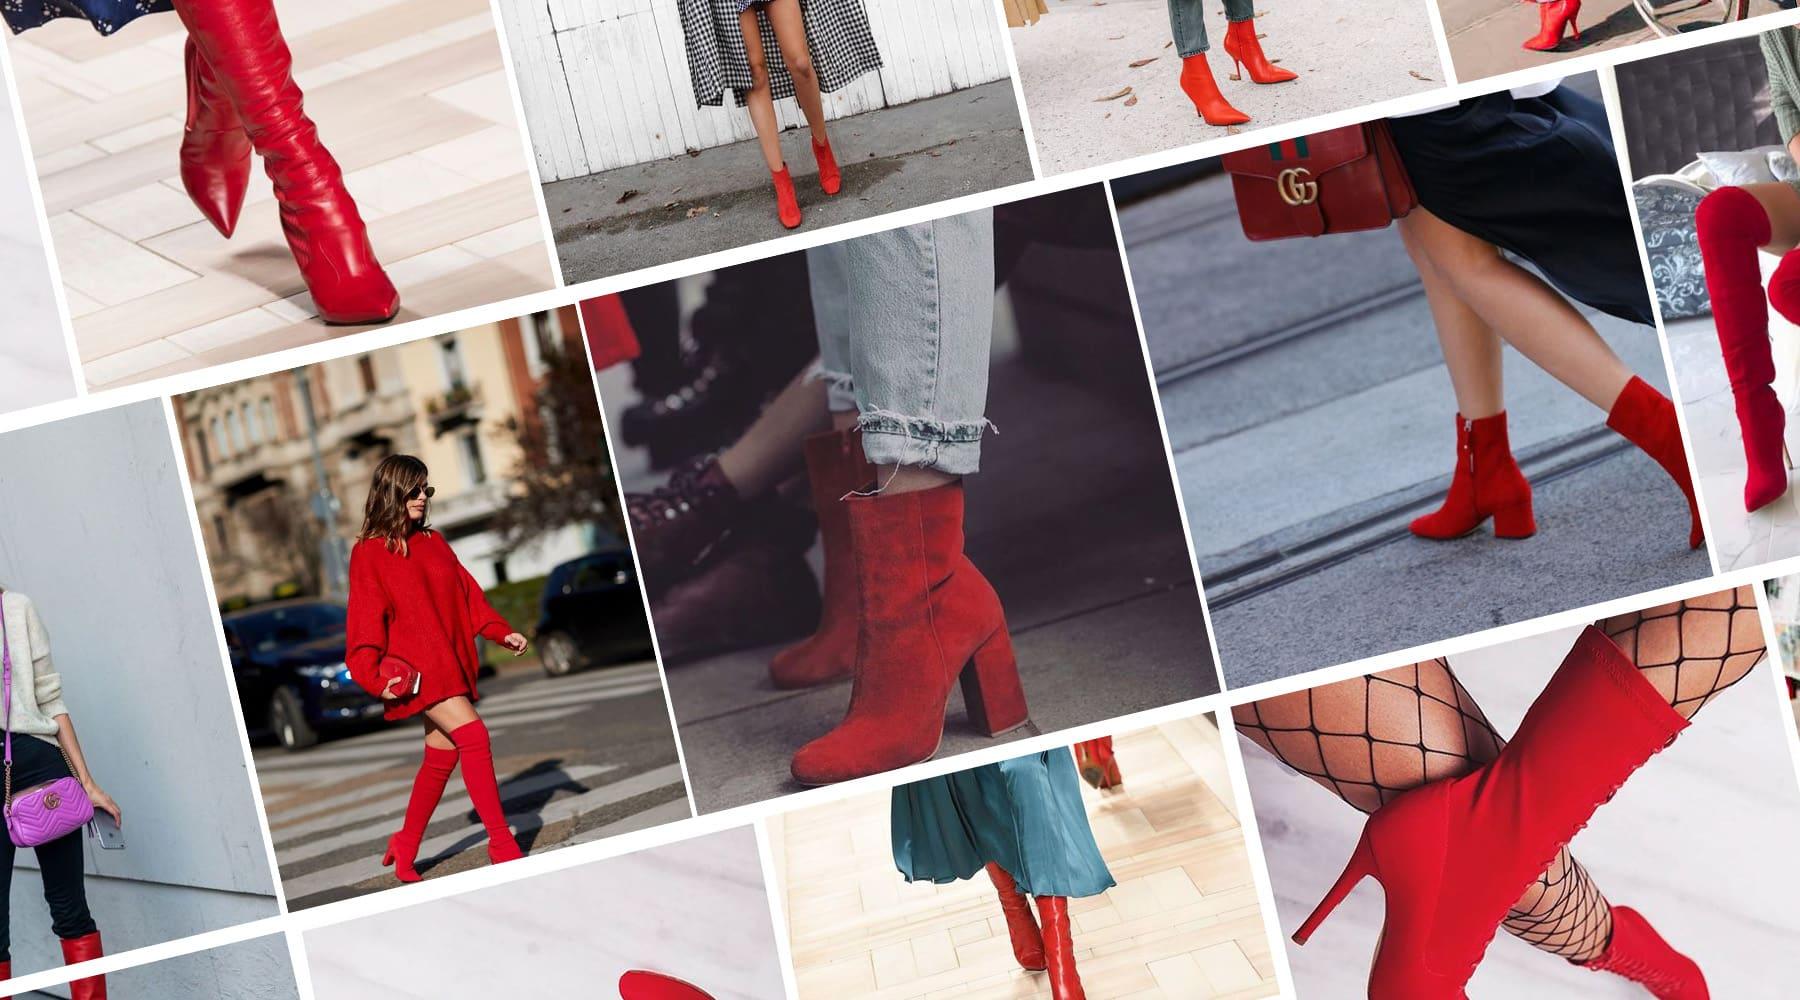 Stivali e stivaletti rossi, le scarpe che hanno invaso i feed di Instagram